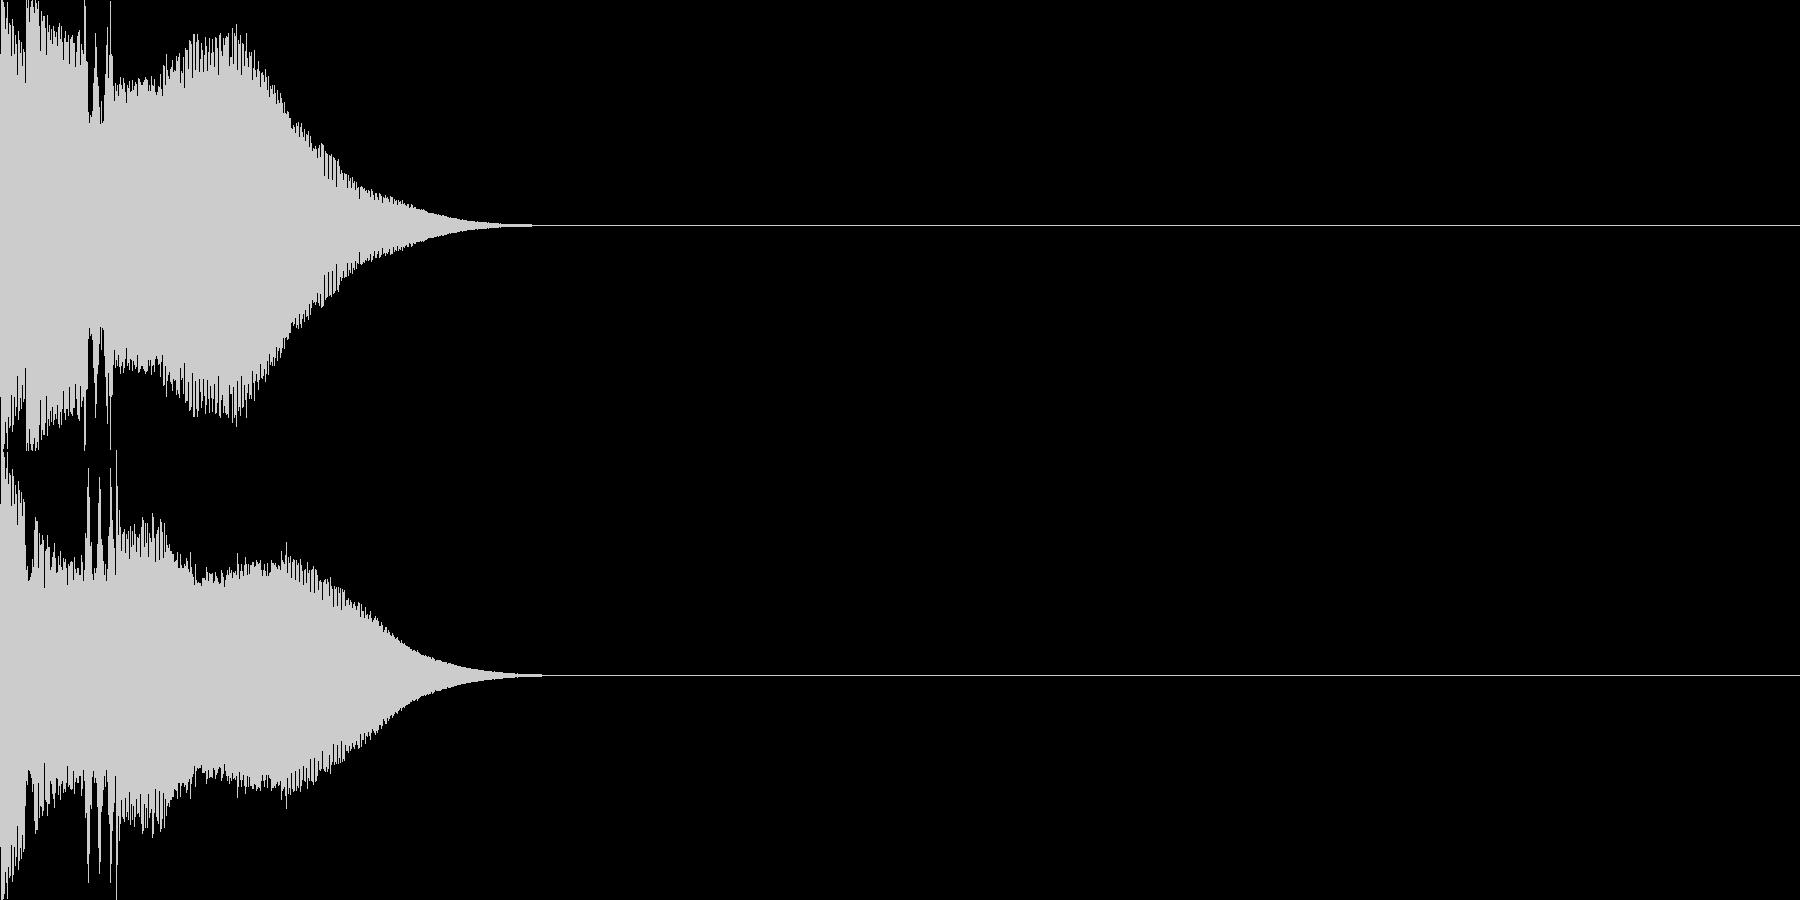 キャンセル音14の未再生の波形